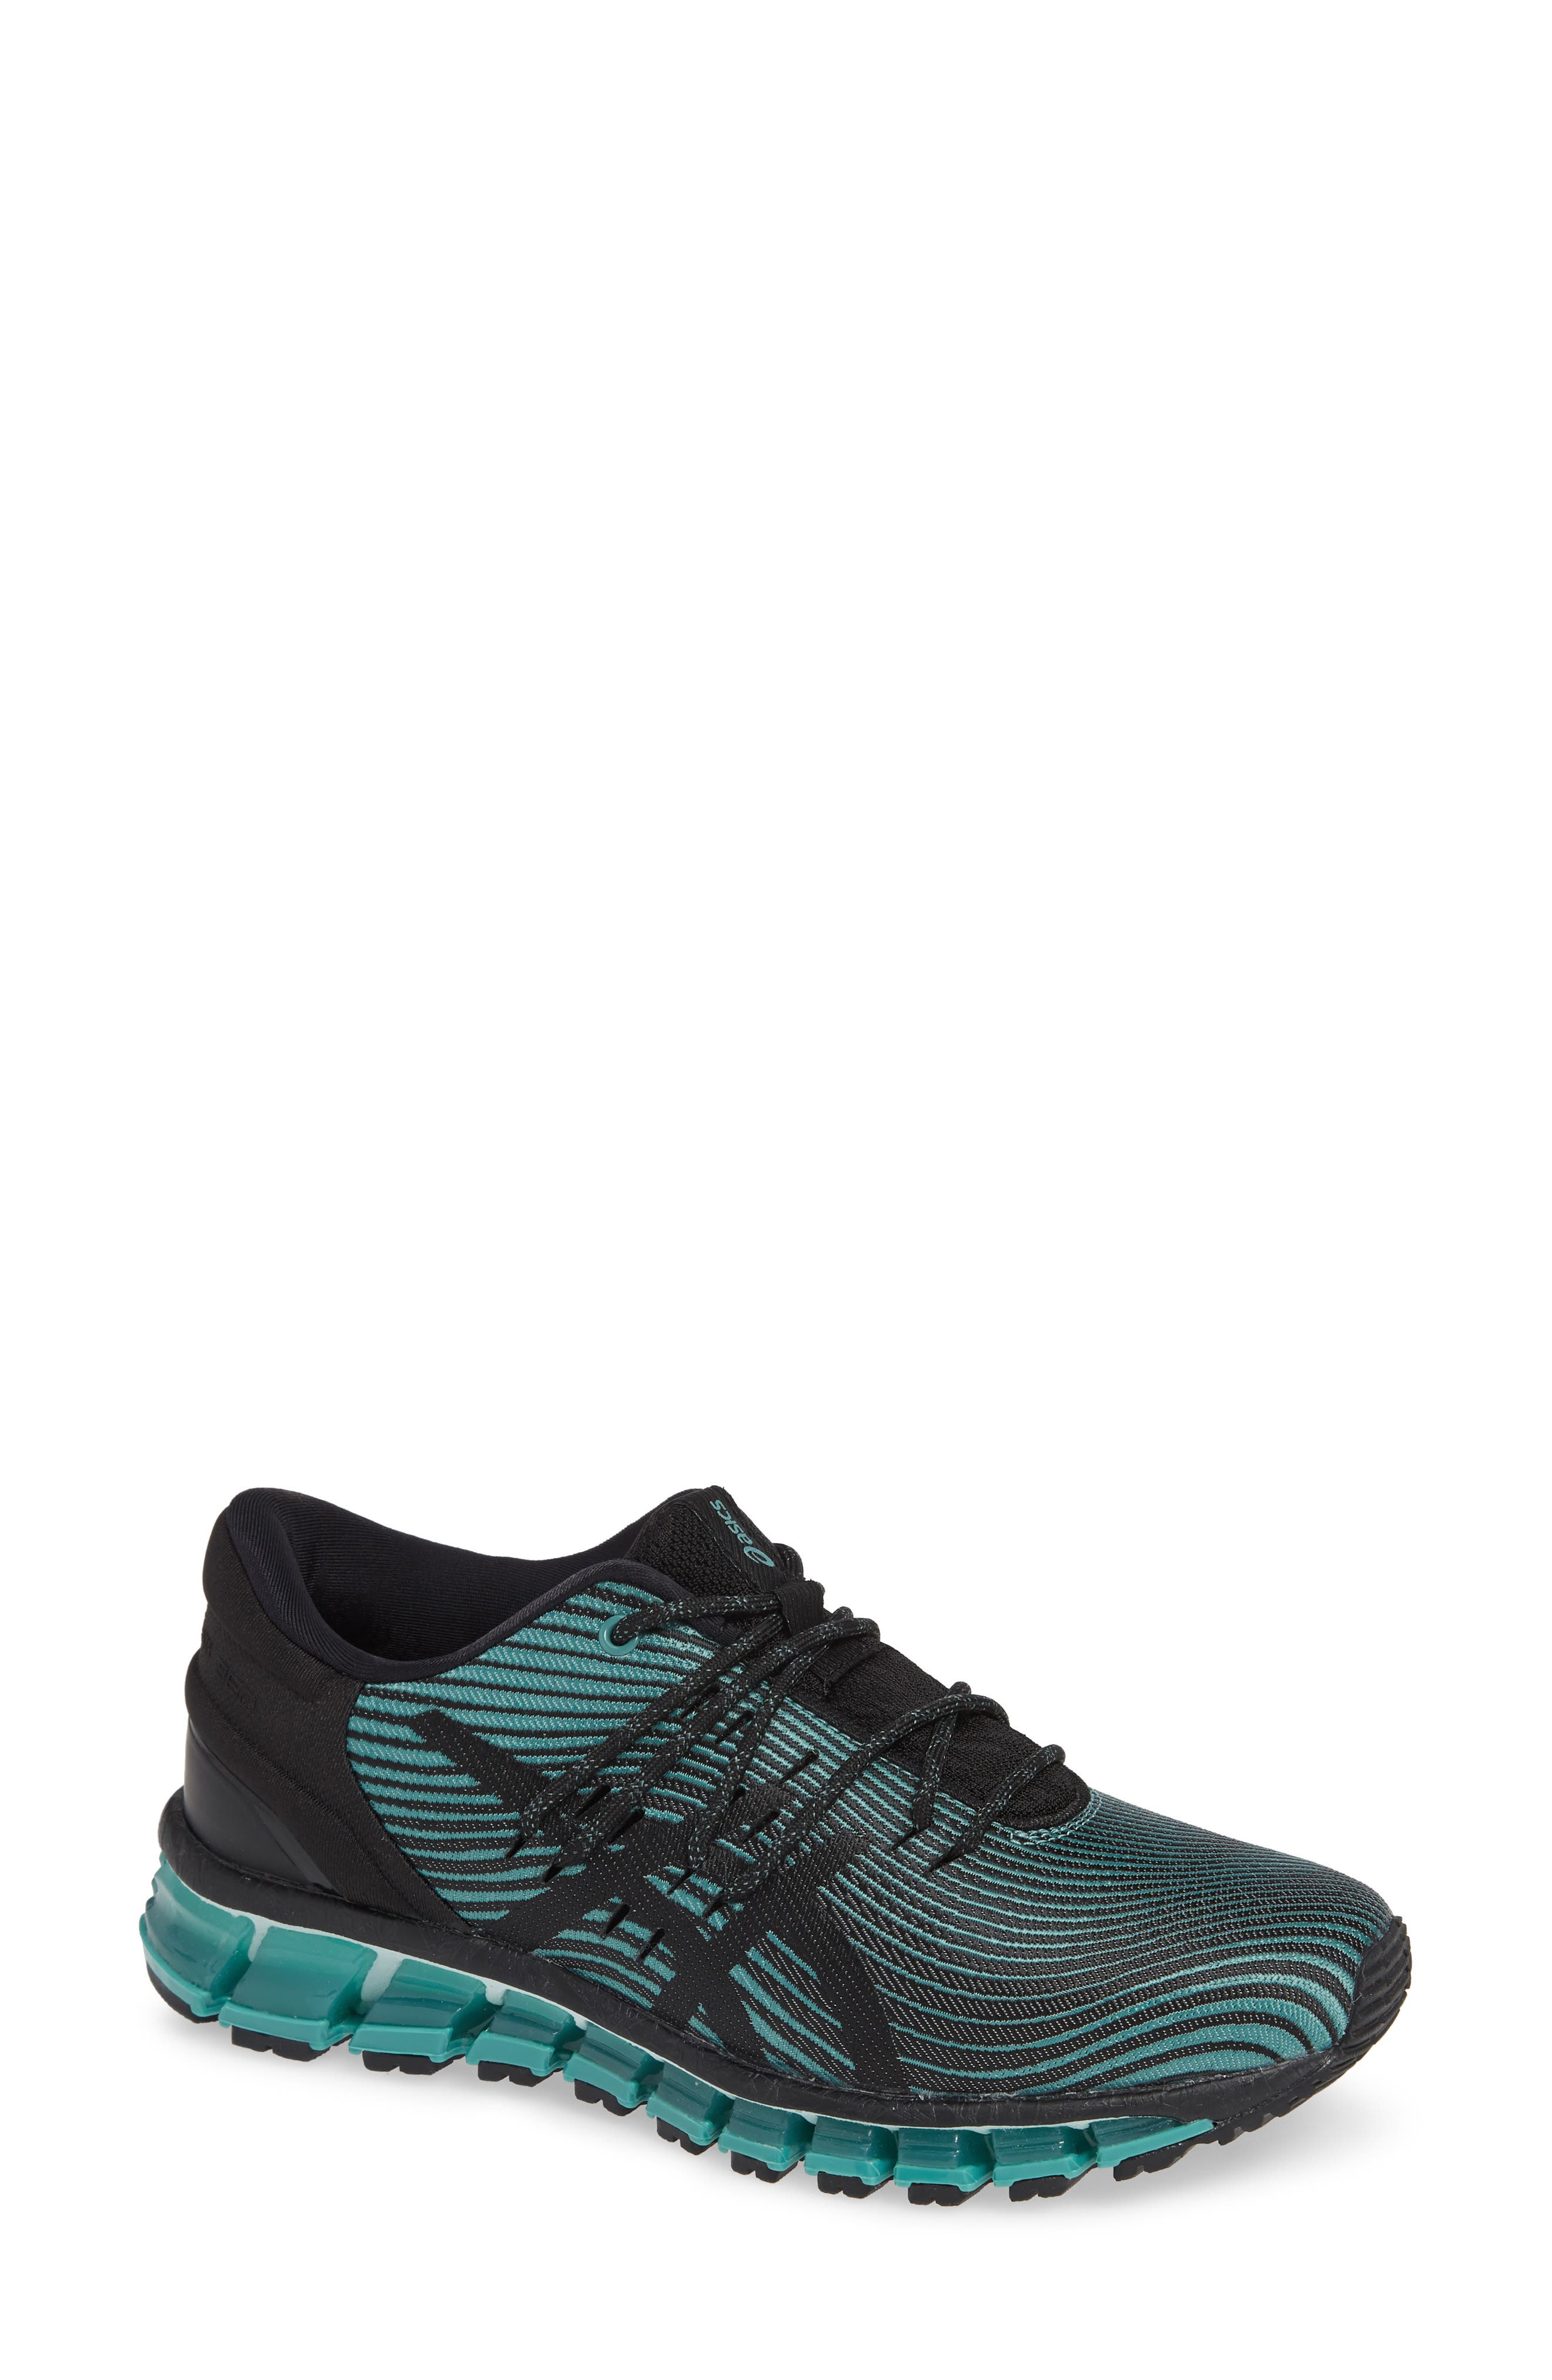 Asics Gel Quantum 360 4 Running Shoe B - Black